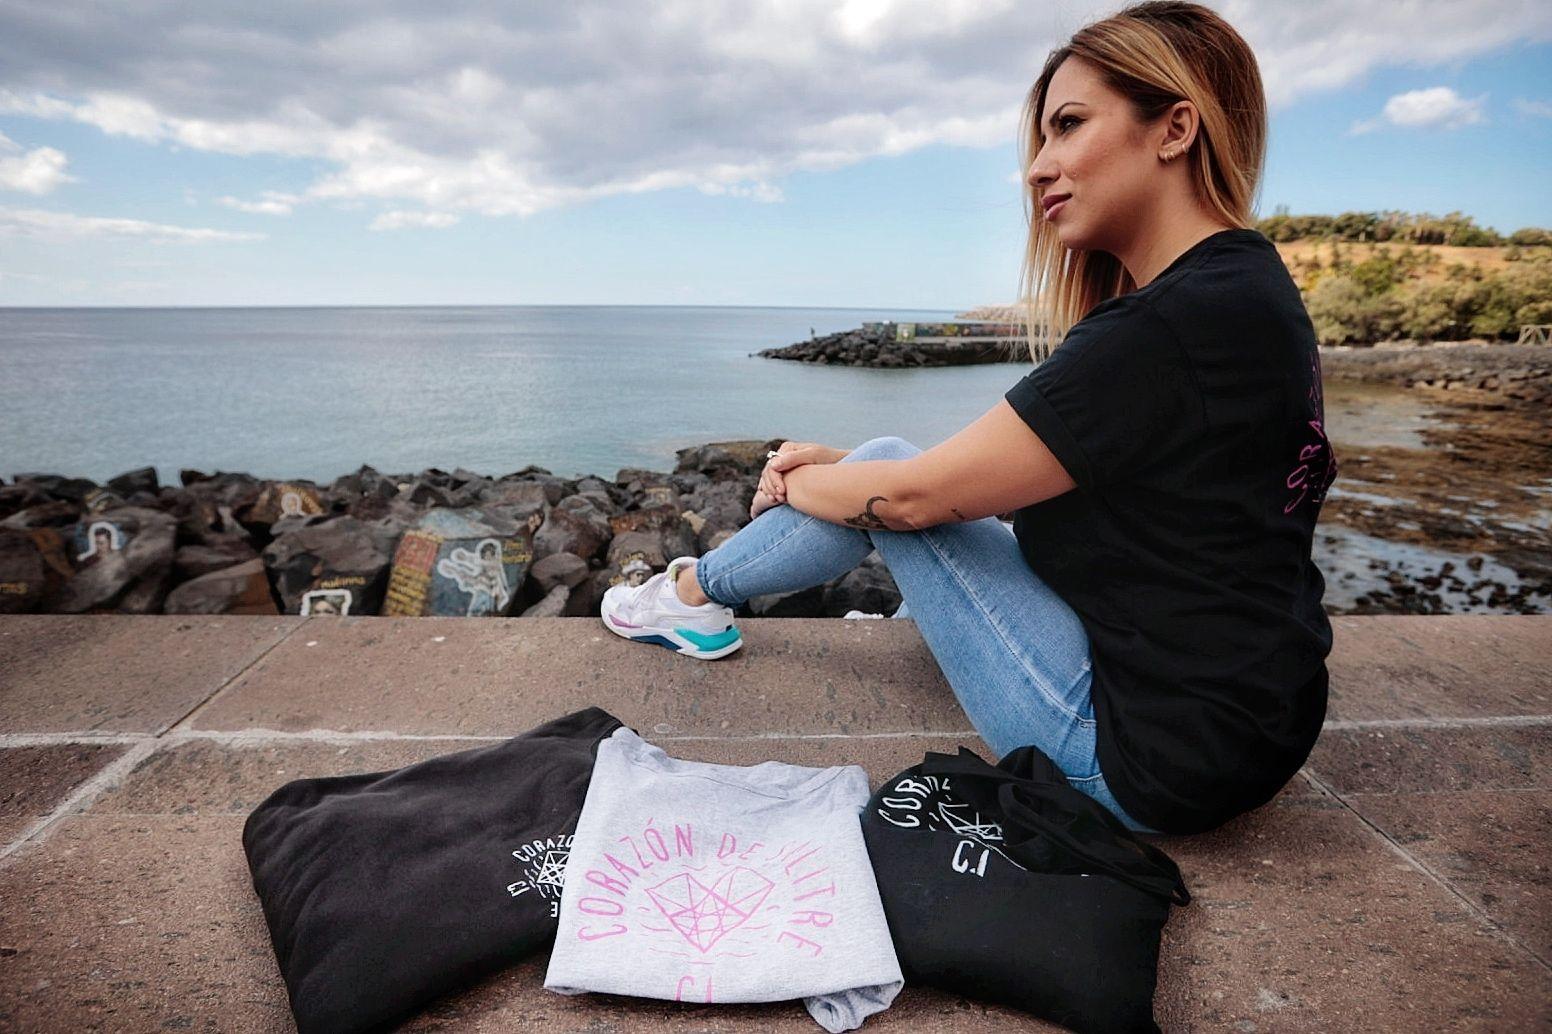 Reportaje a Miriam, creadora de la firma Corazón de Salitre